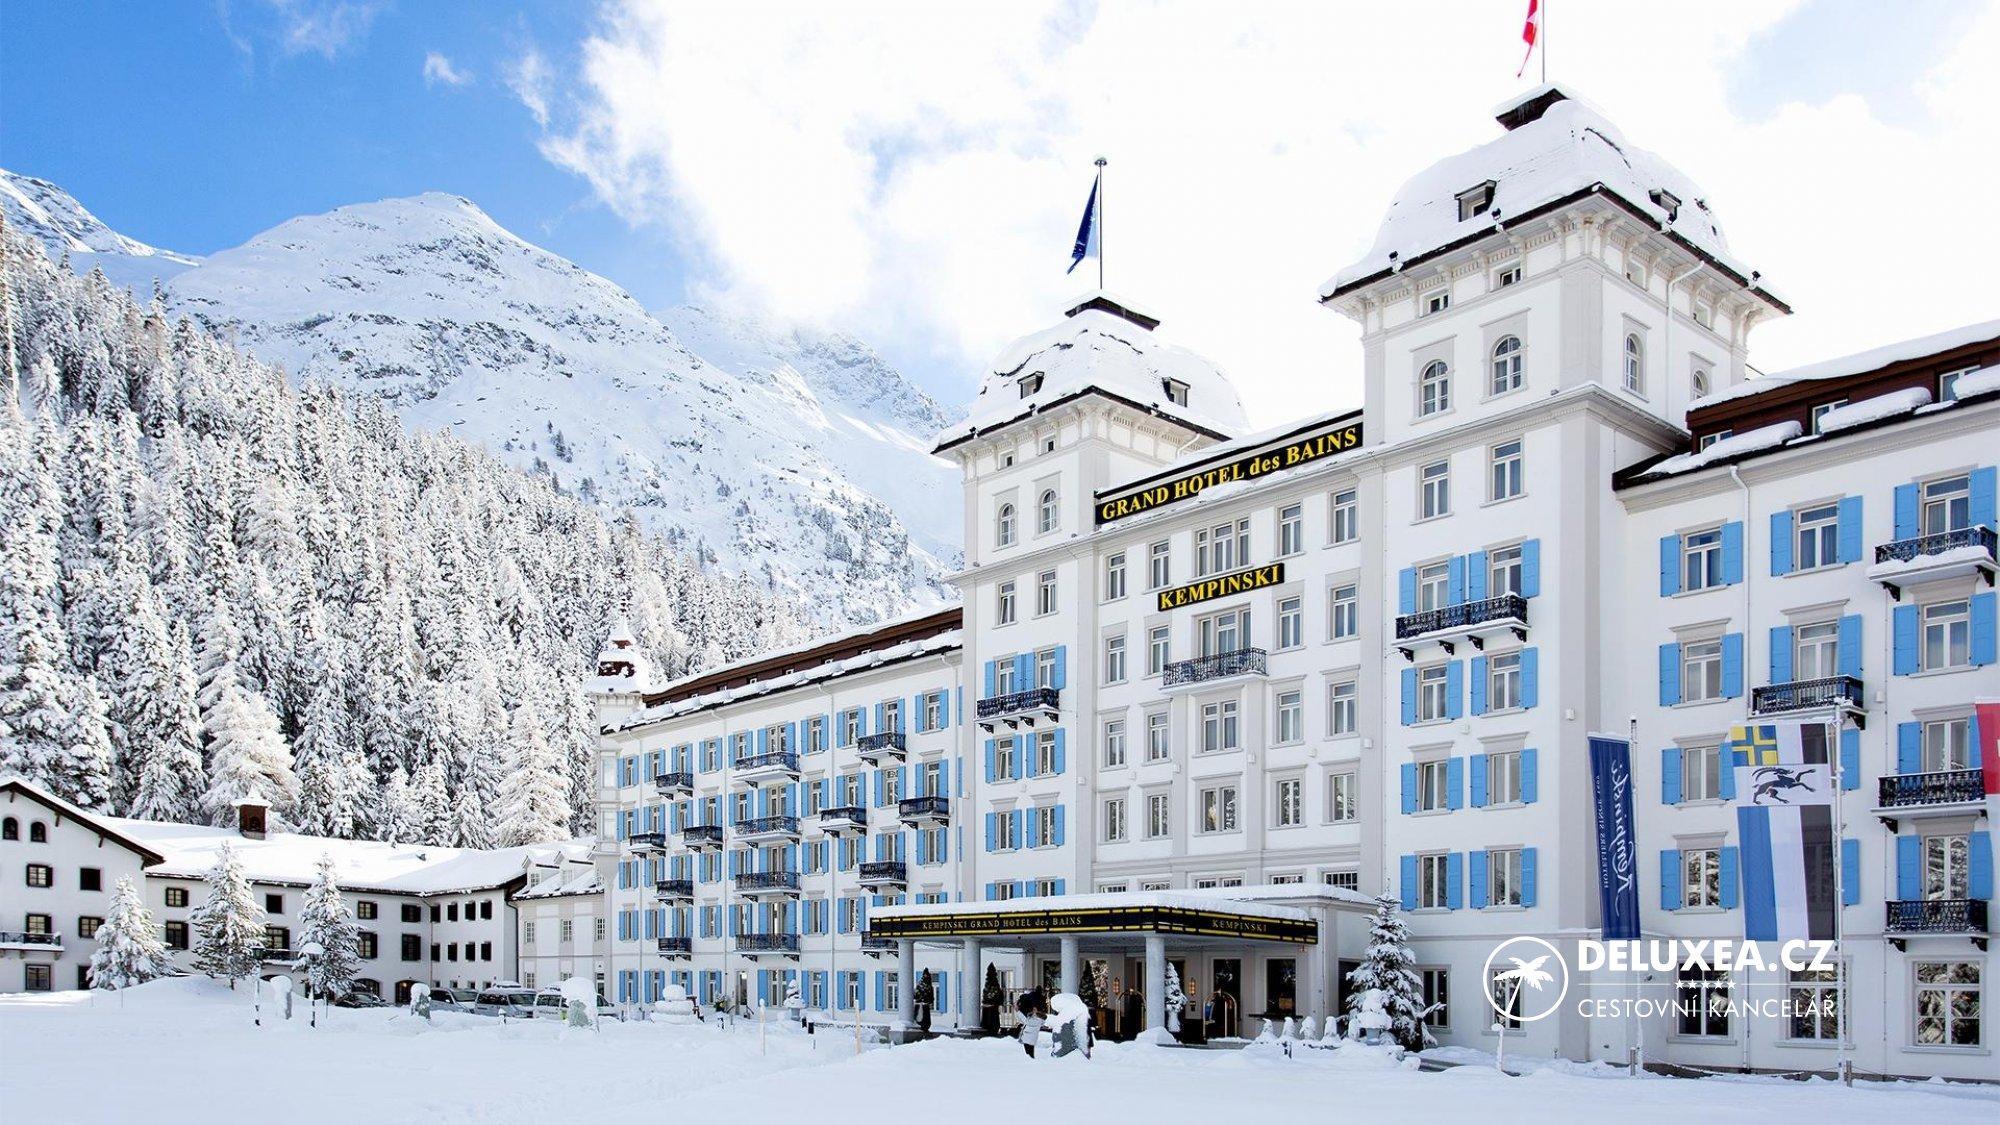 Kempinski grand hotel des bains deluxea for Hotel des bain